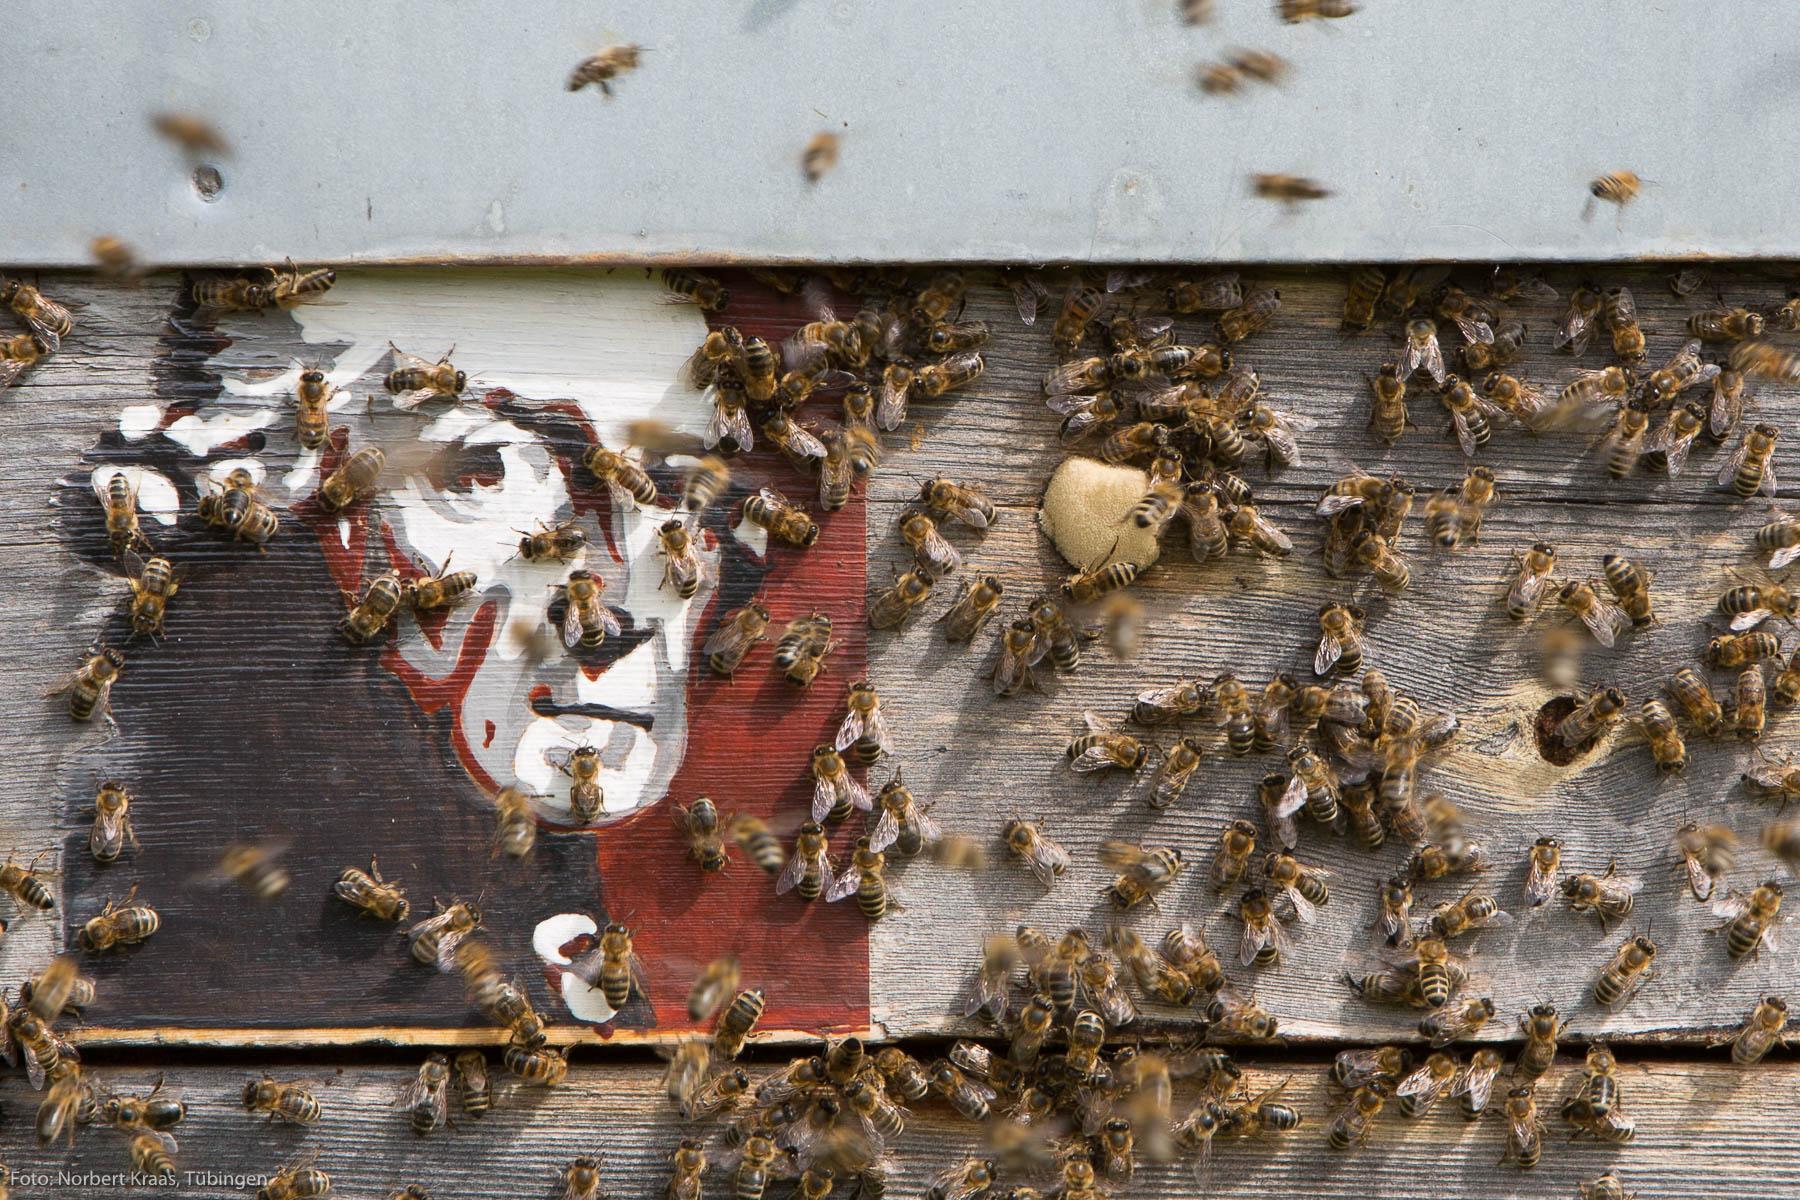 Wo Geist und Bienen zu Hause sind: Bienenkasten von Rickmer Stohp. Foto: Norbert Kraas, Tübingen